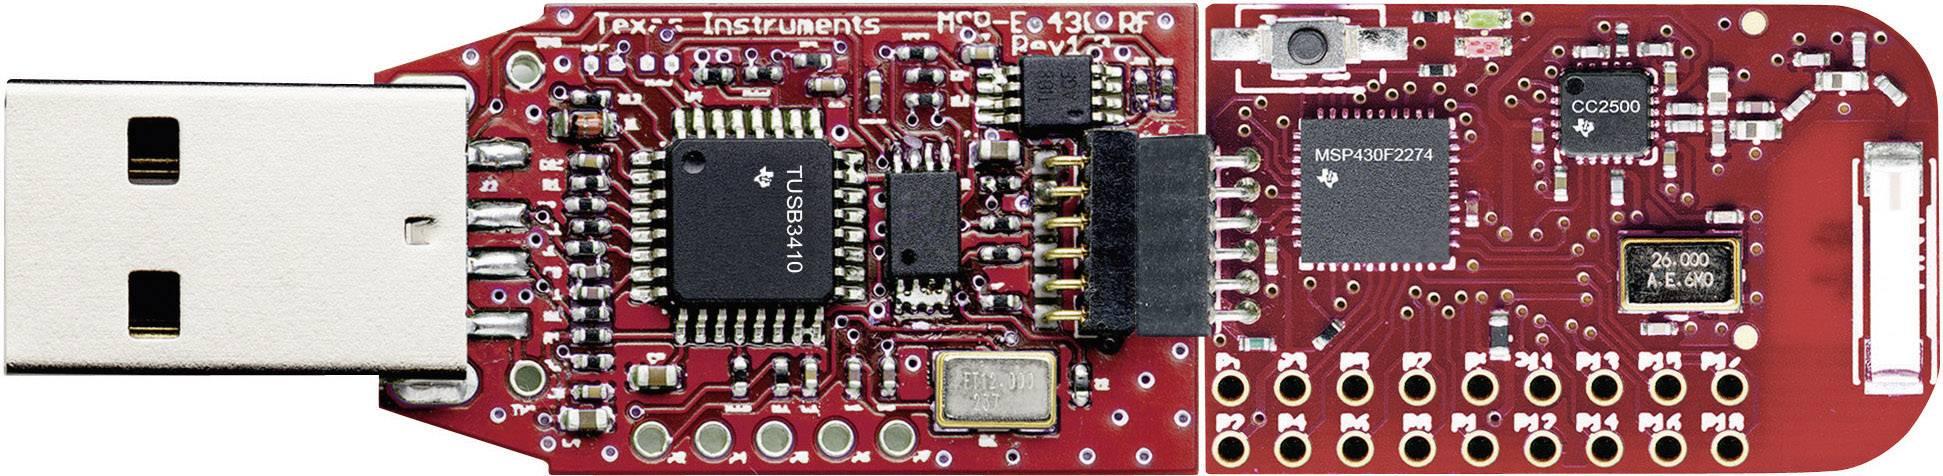 Vývojový USB modul série TI MSP430 Texas Instruments eZ430-RF2500